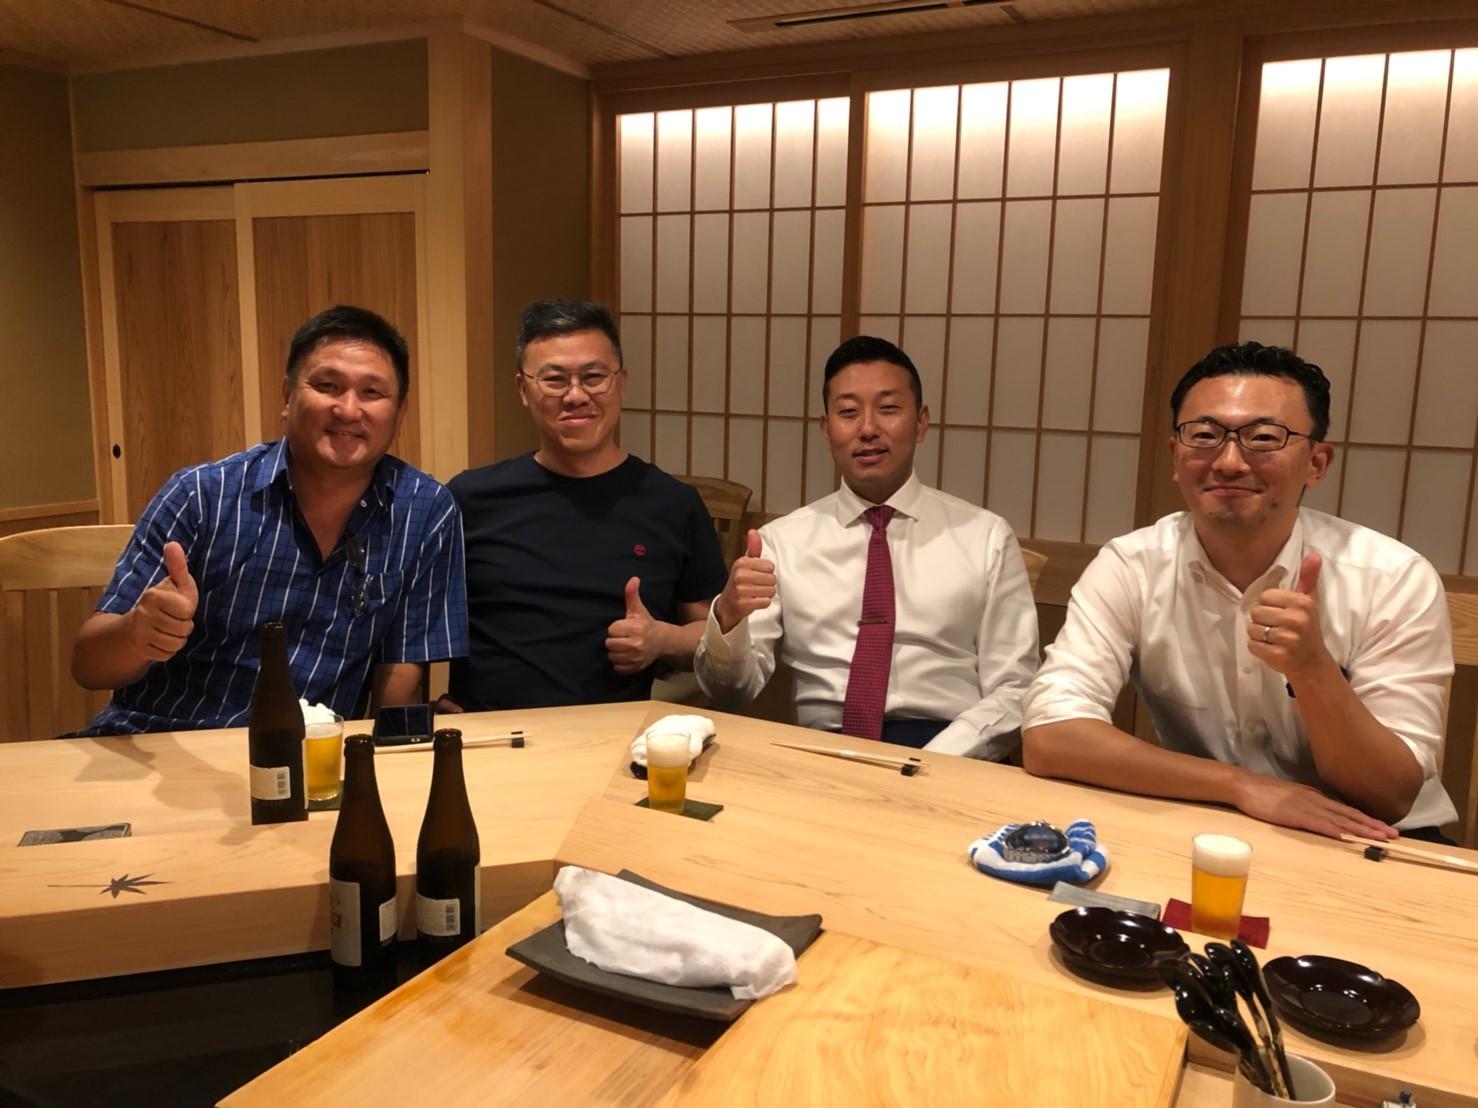 マレーシアのお客様と株式会社ENG